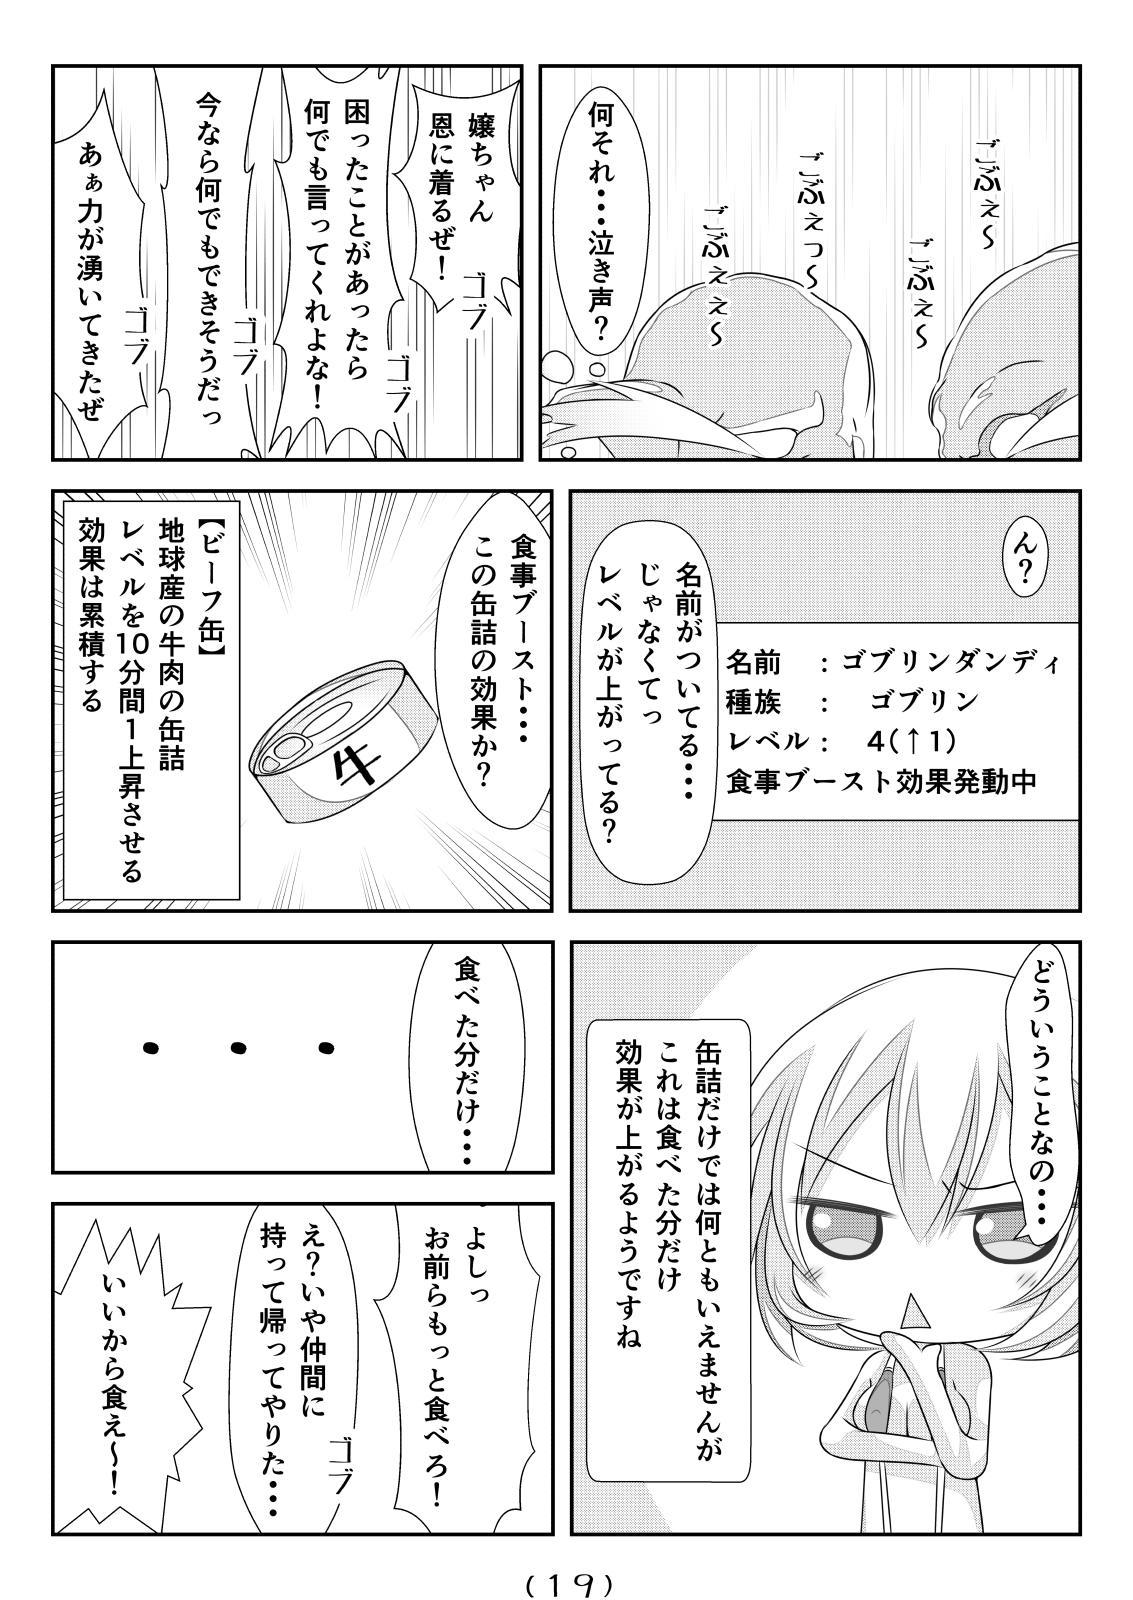 Nyotaika Cheat ga Isekai demo Souzou Ijou ni Bannou Sugita Sono 5 19